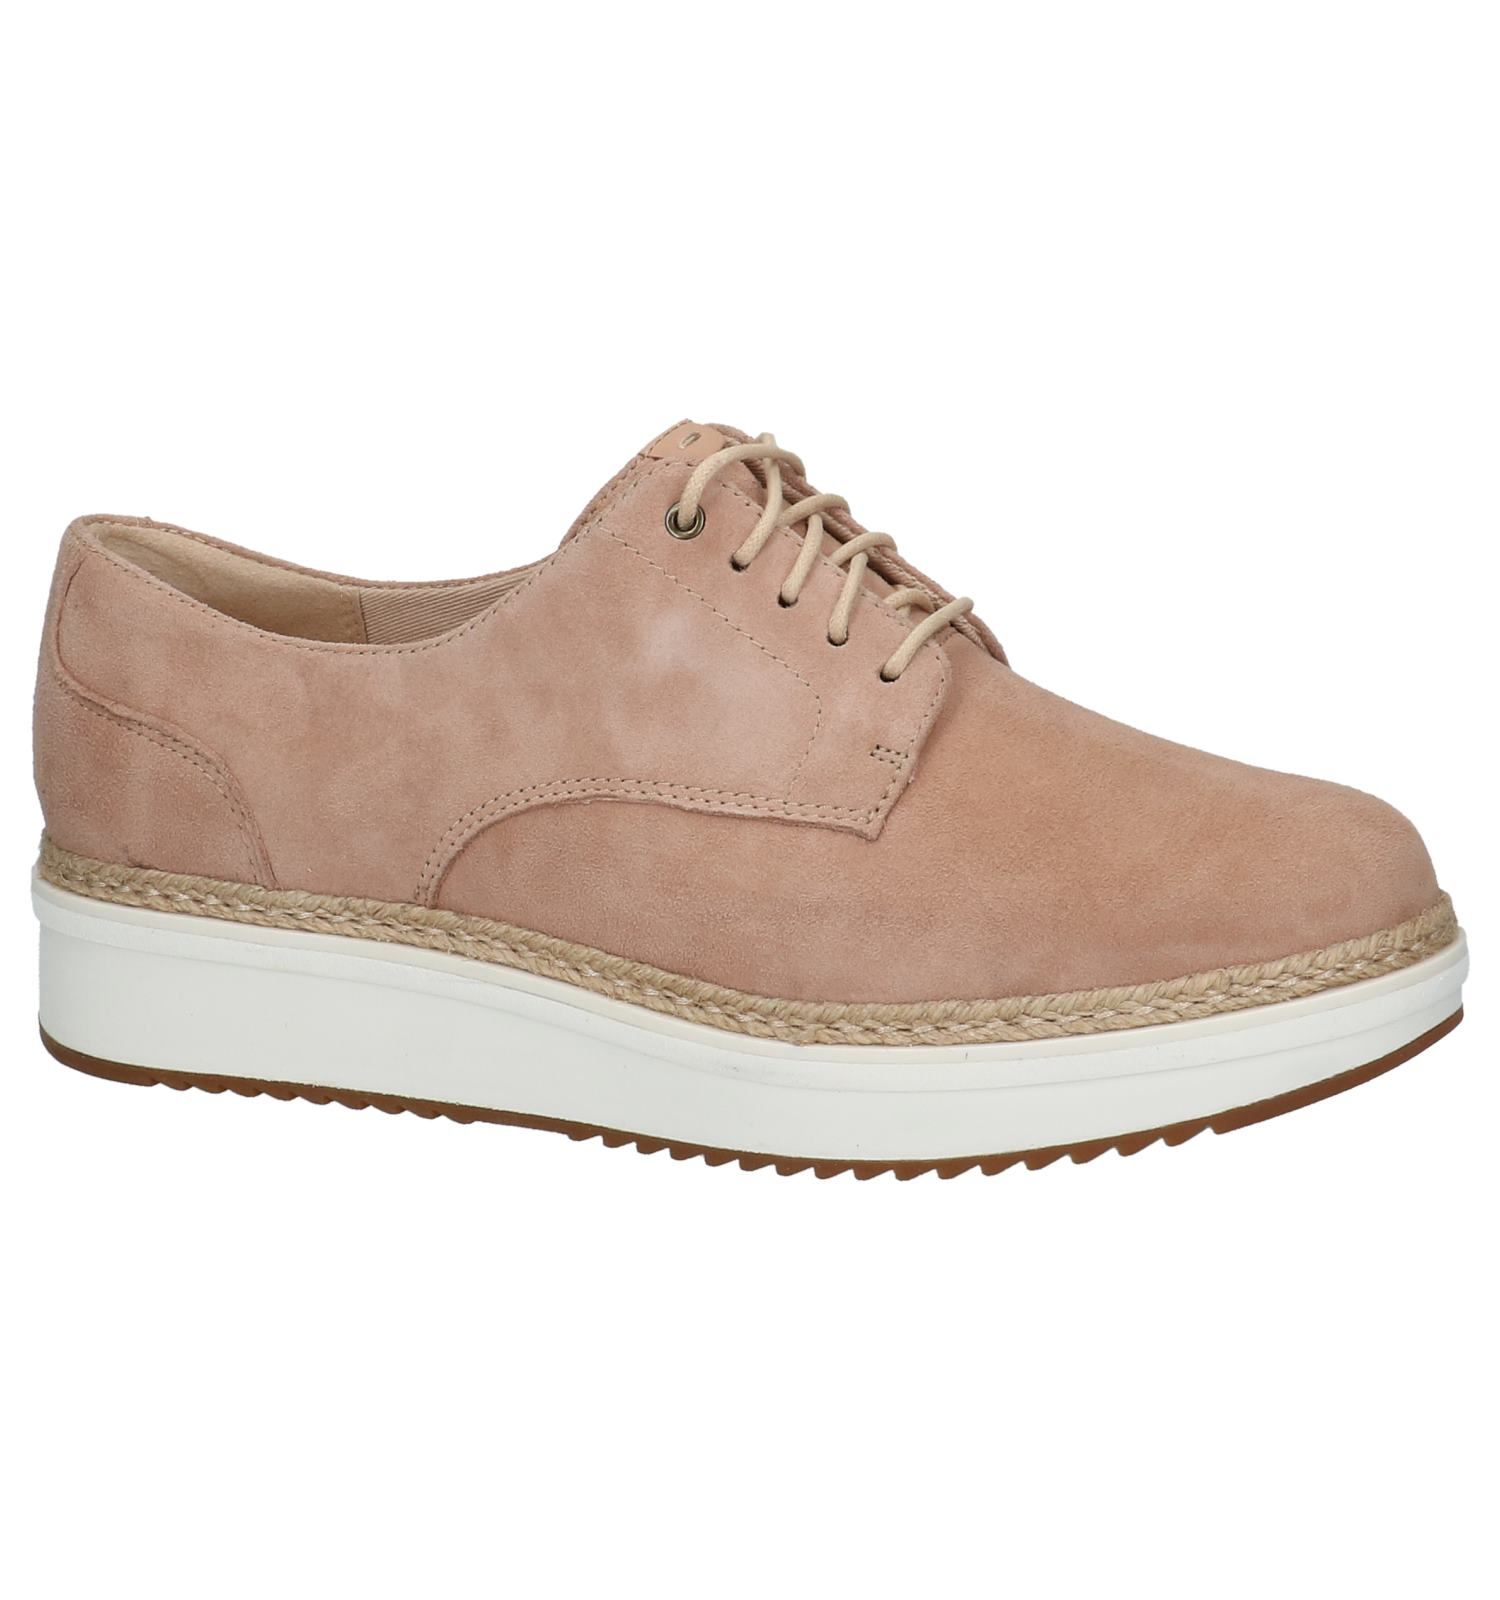 Clarks À Chaussures LacetsroseTorfs be Retour Et Gratuits Livraison vmw0O8Nn